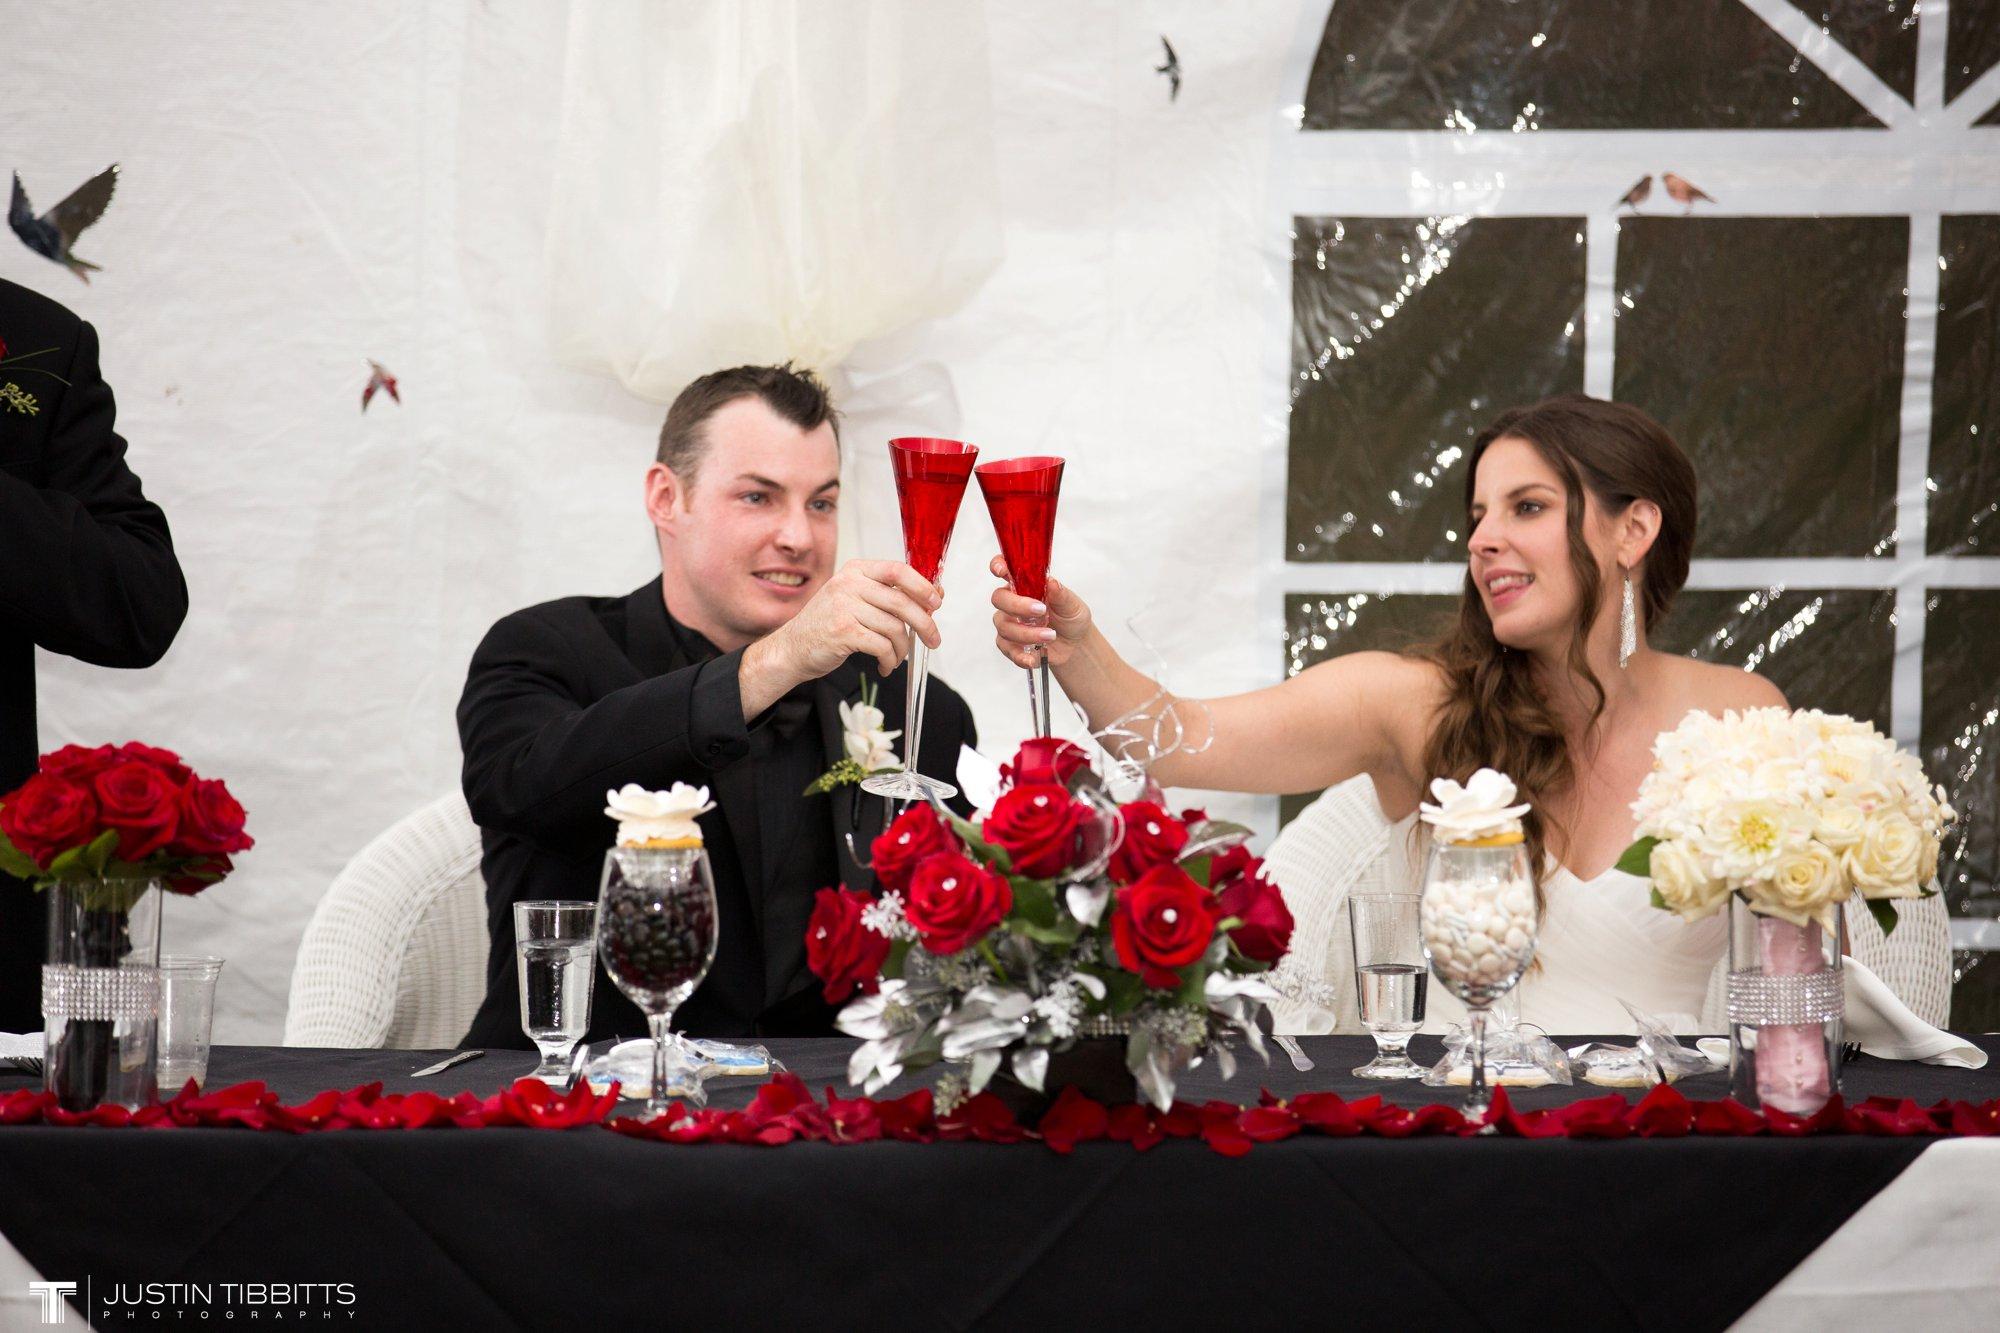 Albany NY Wedding Photographer Justin Tibbitts Photography 2014 Best of Albany NY Weddings-201Albany NY Wedding Photographer Justin Tibbitts Photography Albany NY Best of Weddings16